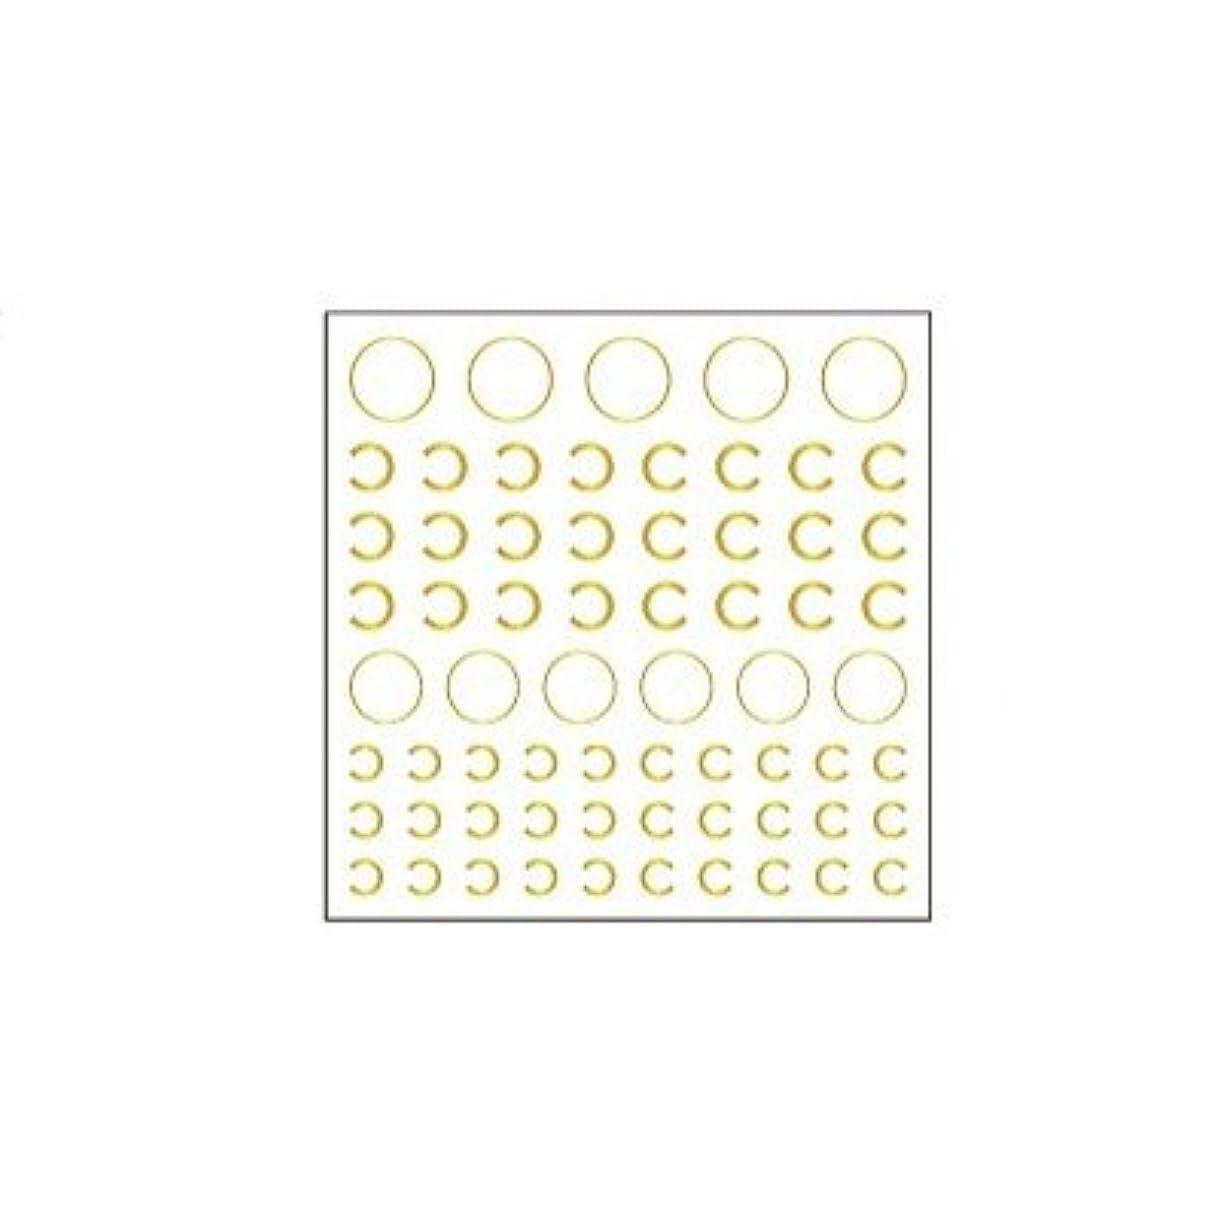 角度ヶ月目考古学ネイルシール カットシール ピアドラ pieadra ネイルシール ロゴタイプ C ゴールド